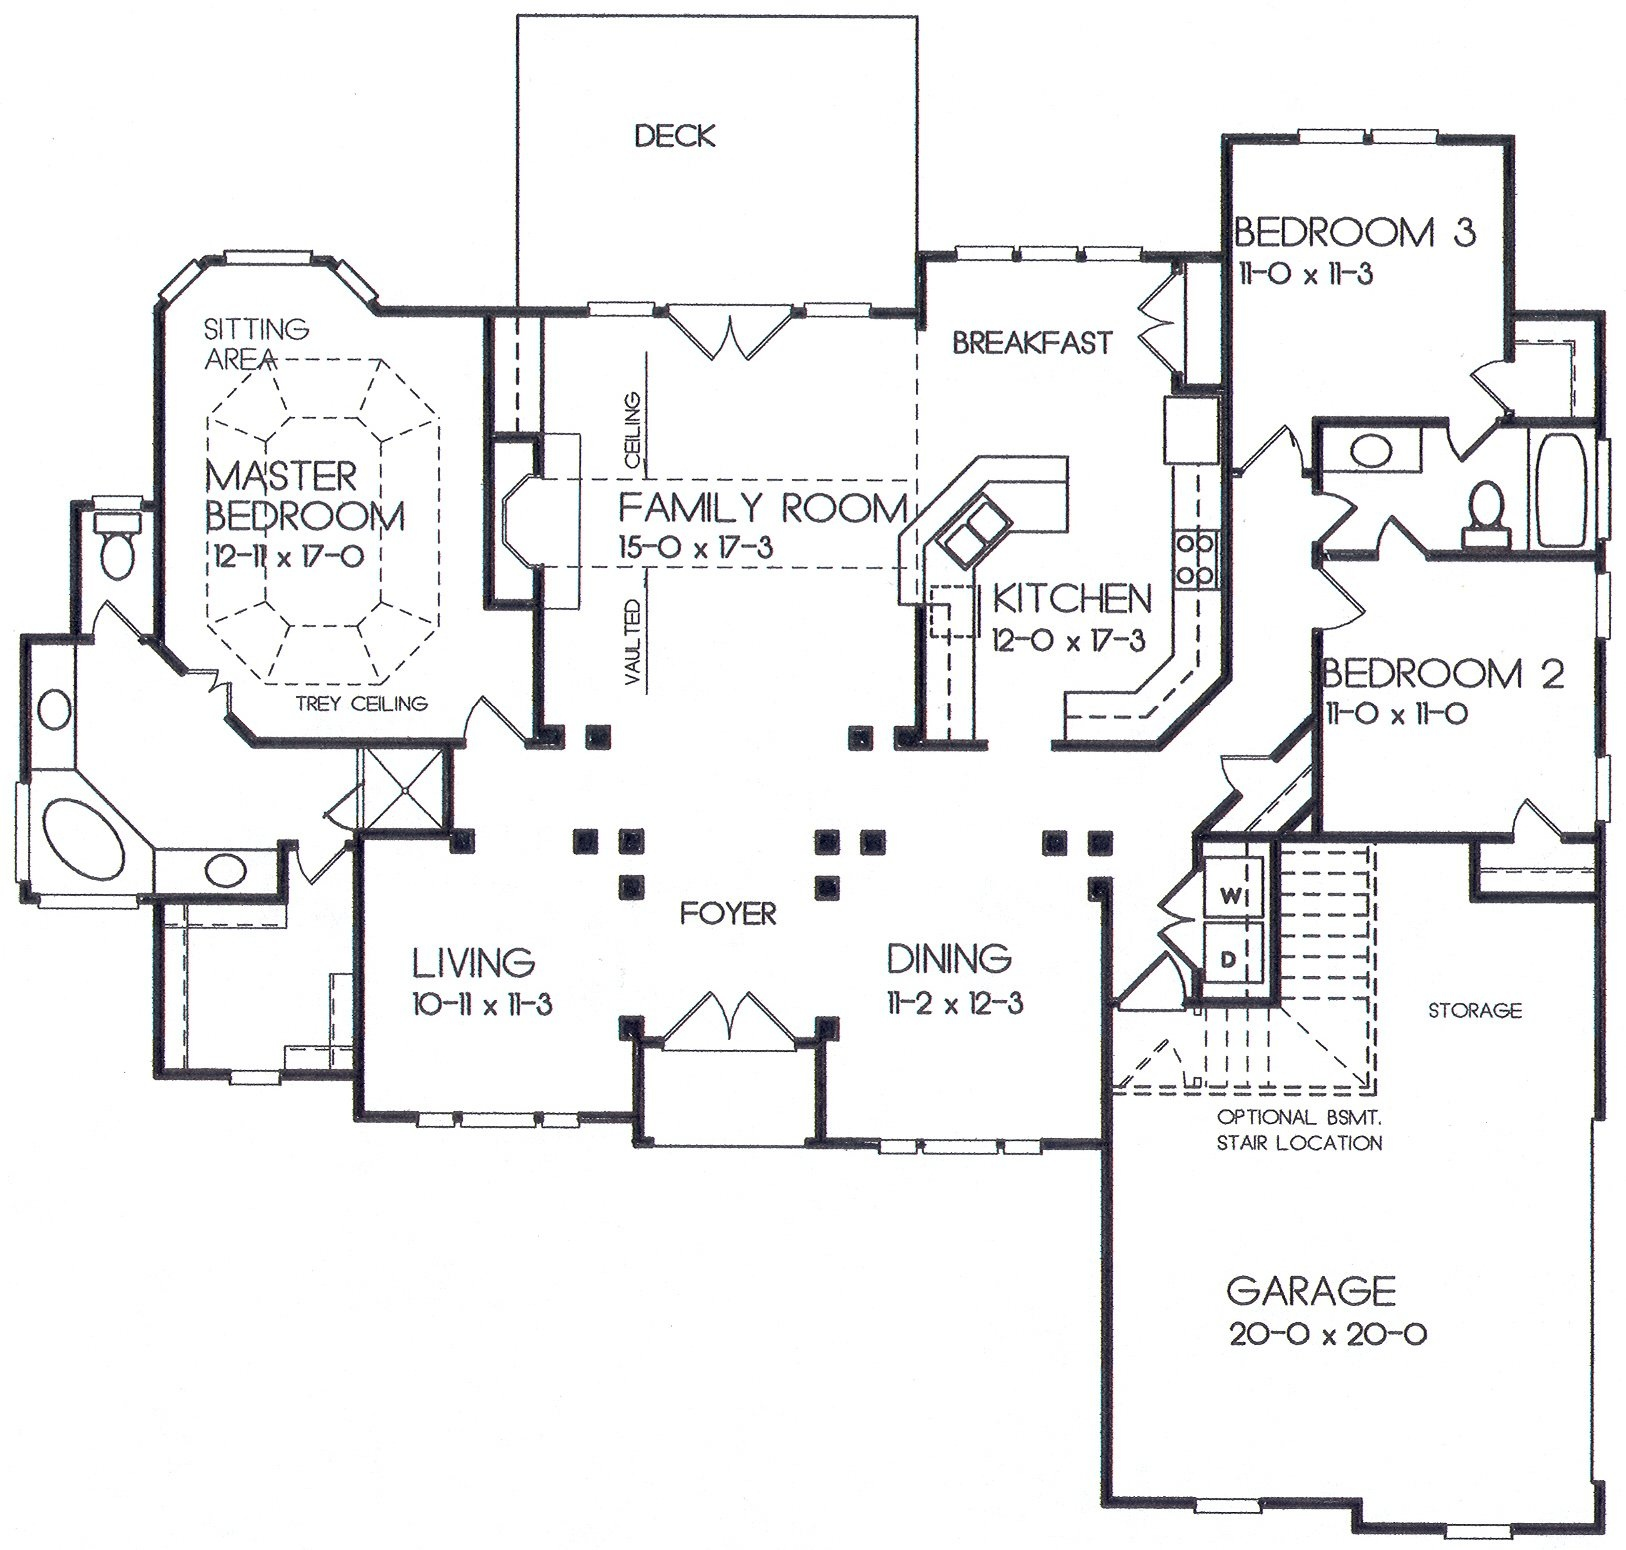 18-30 floor plan